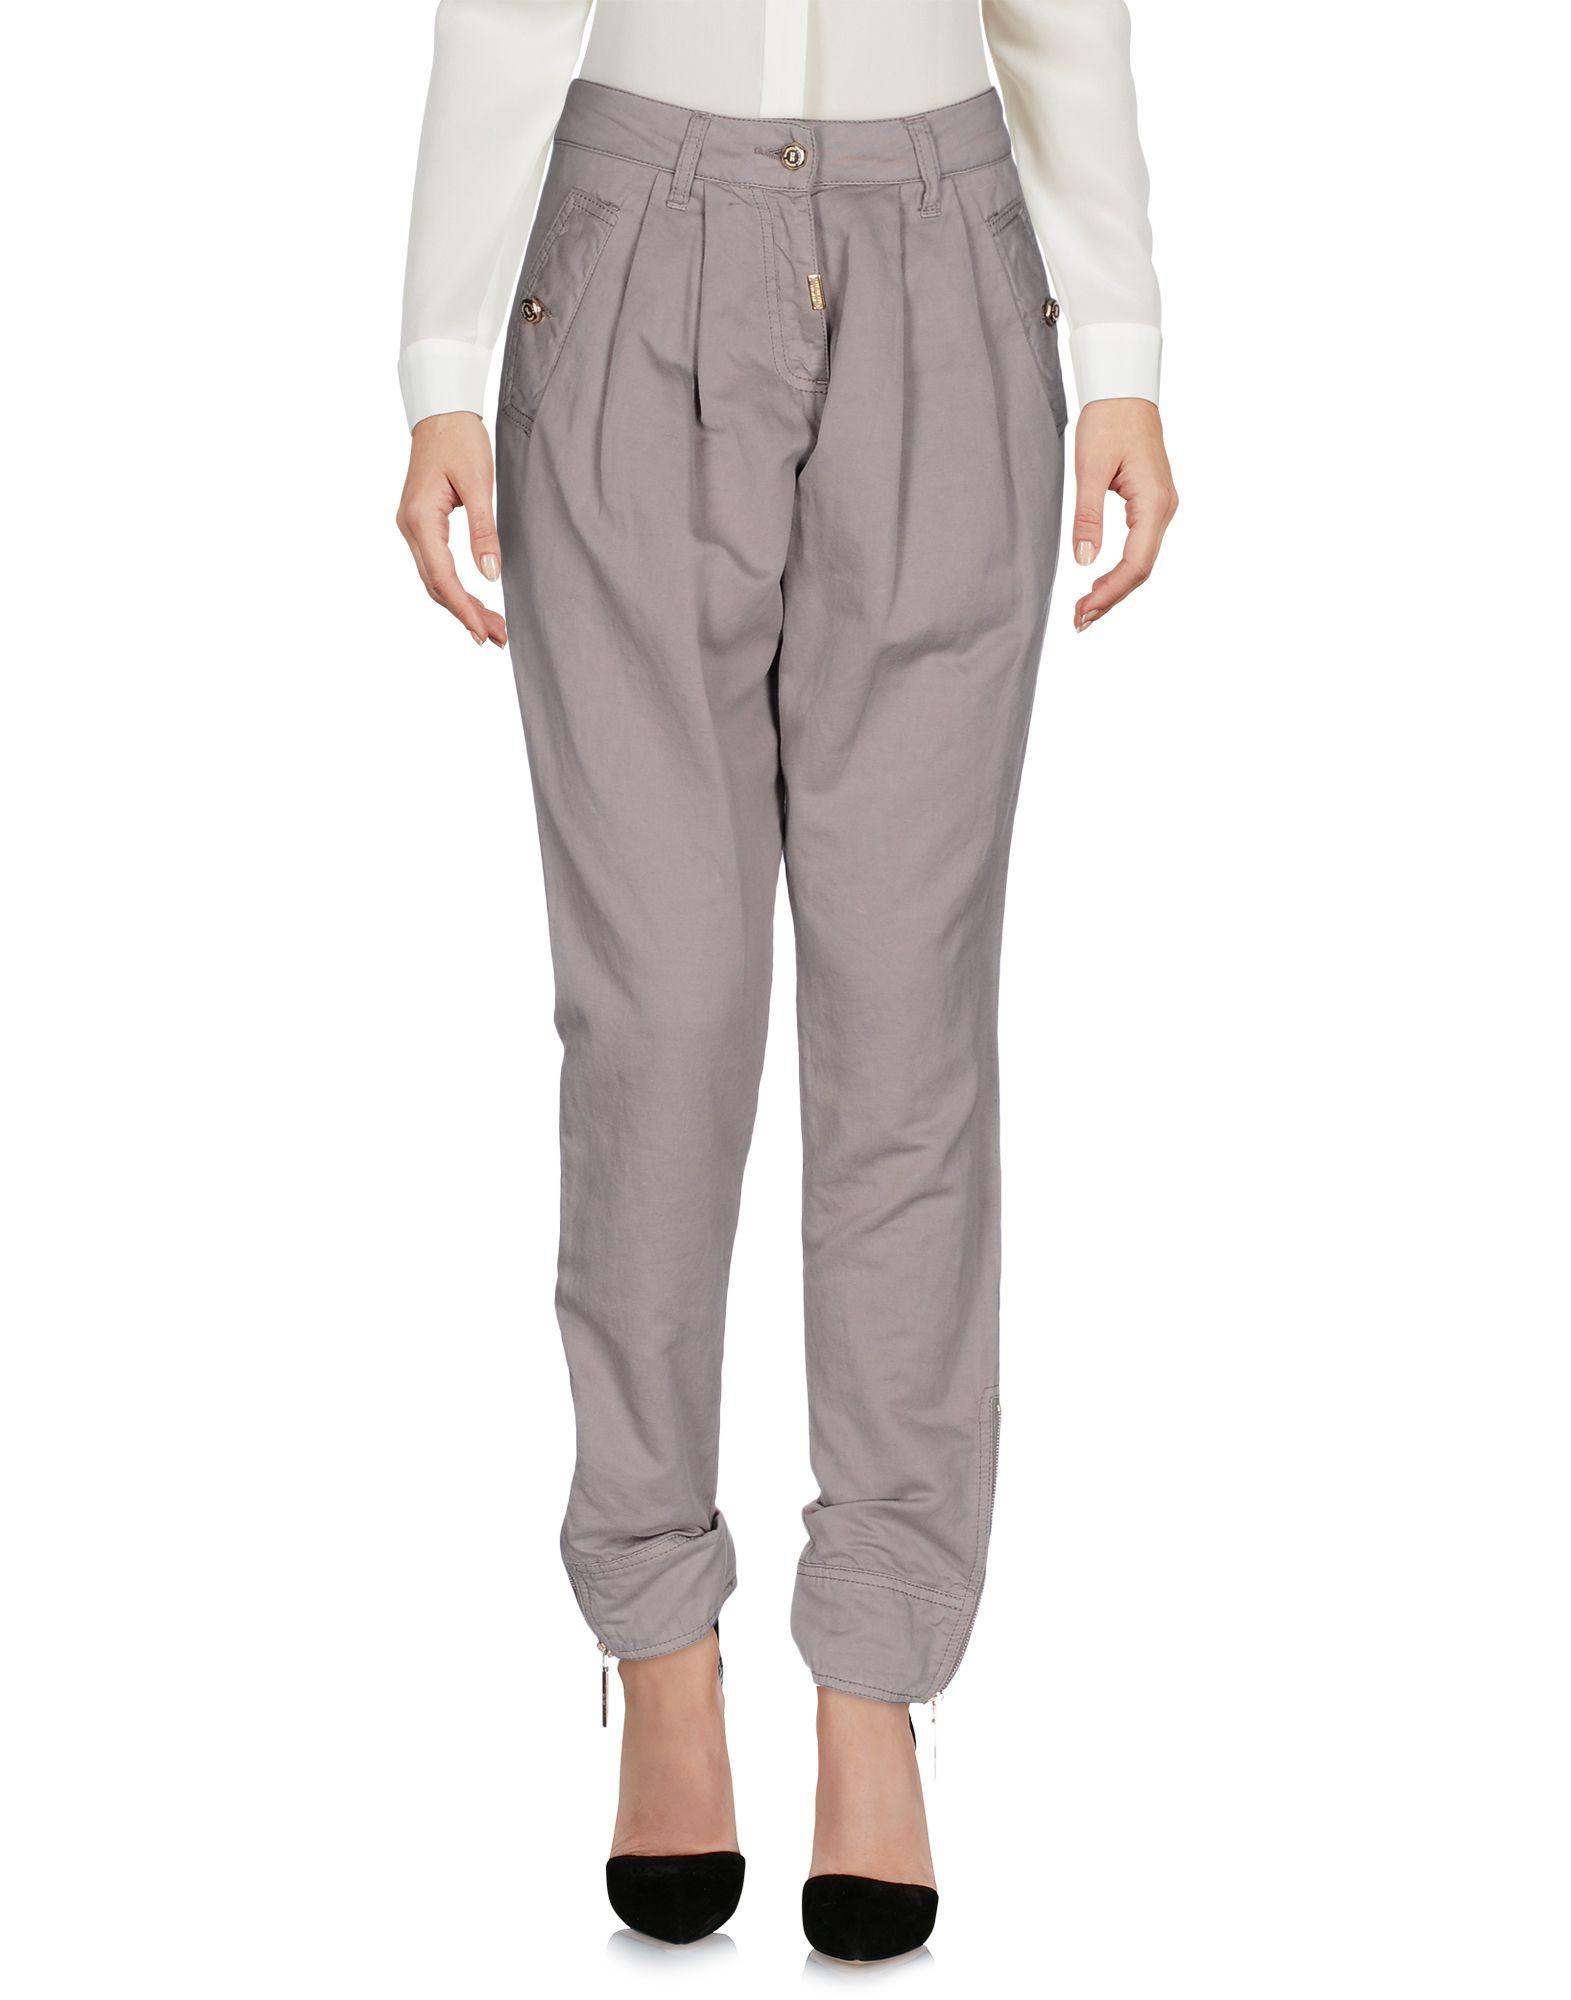 ELISABETTA FRANCHI JEANS for CELYN B. Повседневные брюки elisabetta franchi for celyn b повседневные брюки